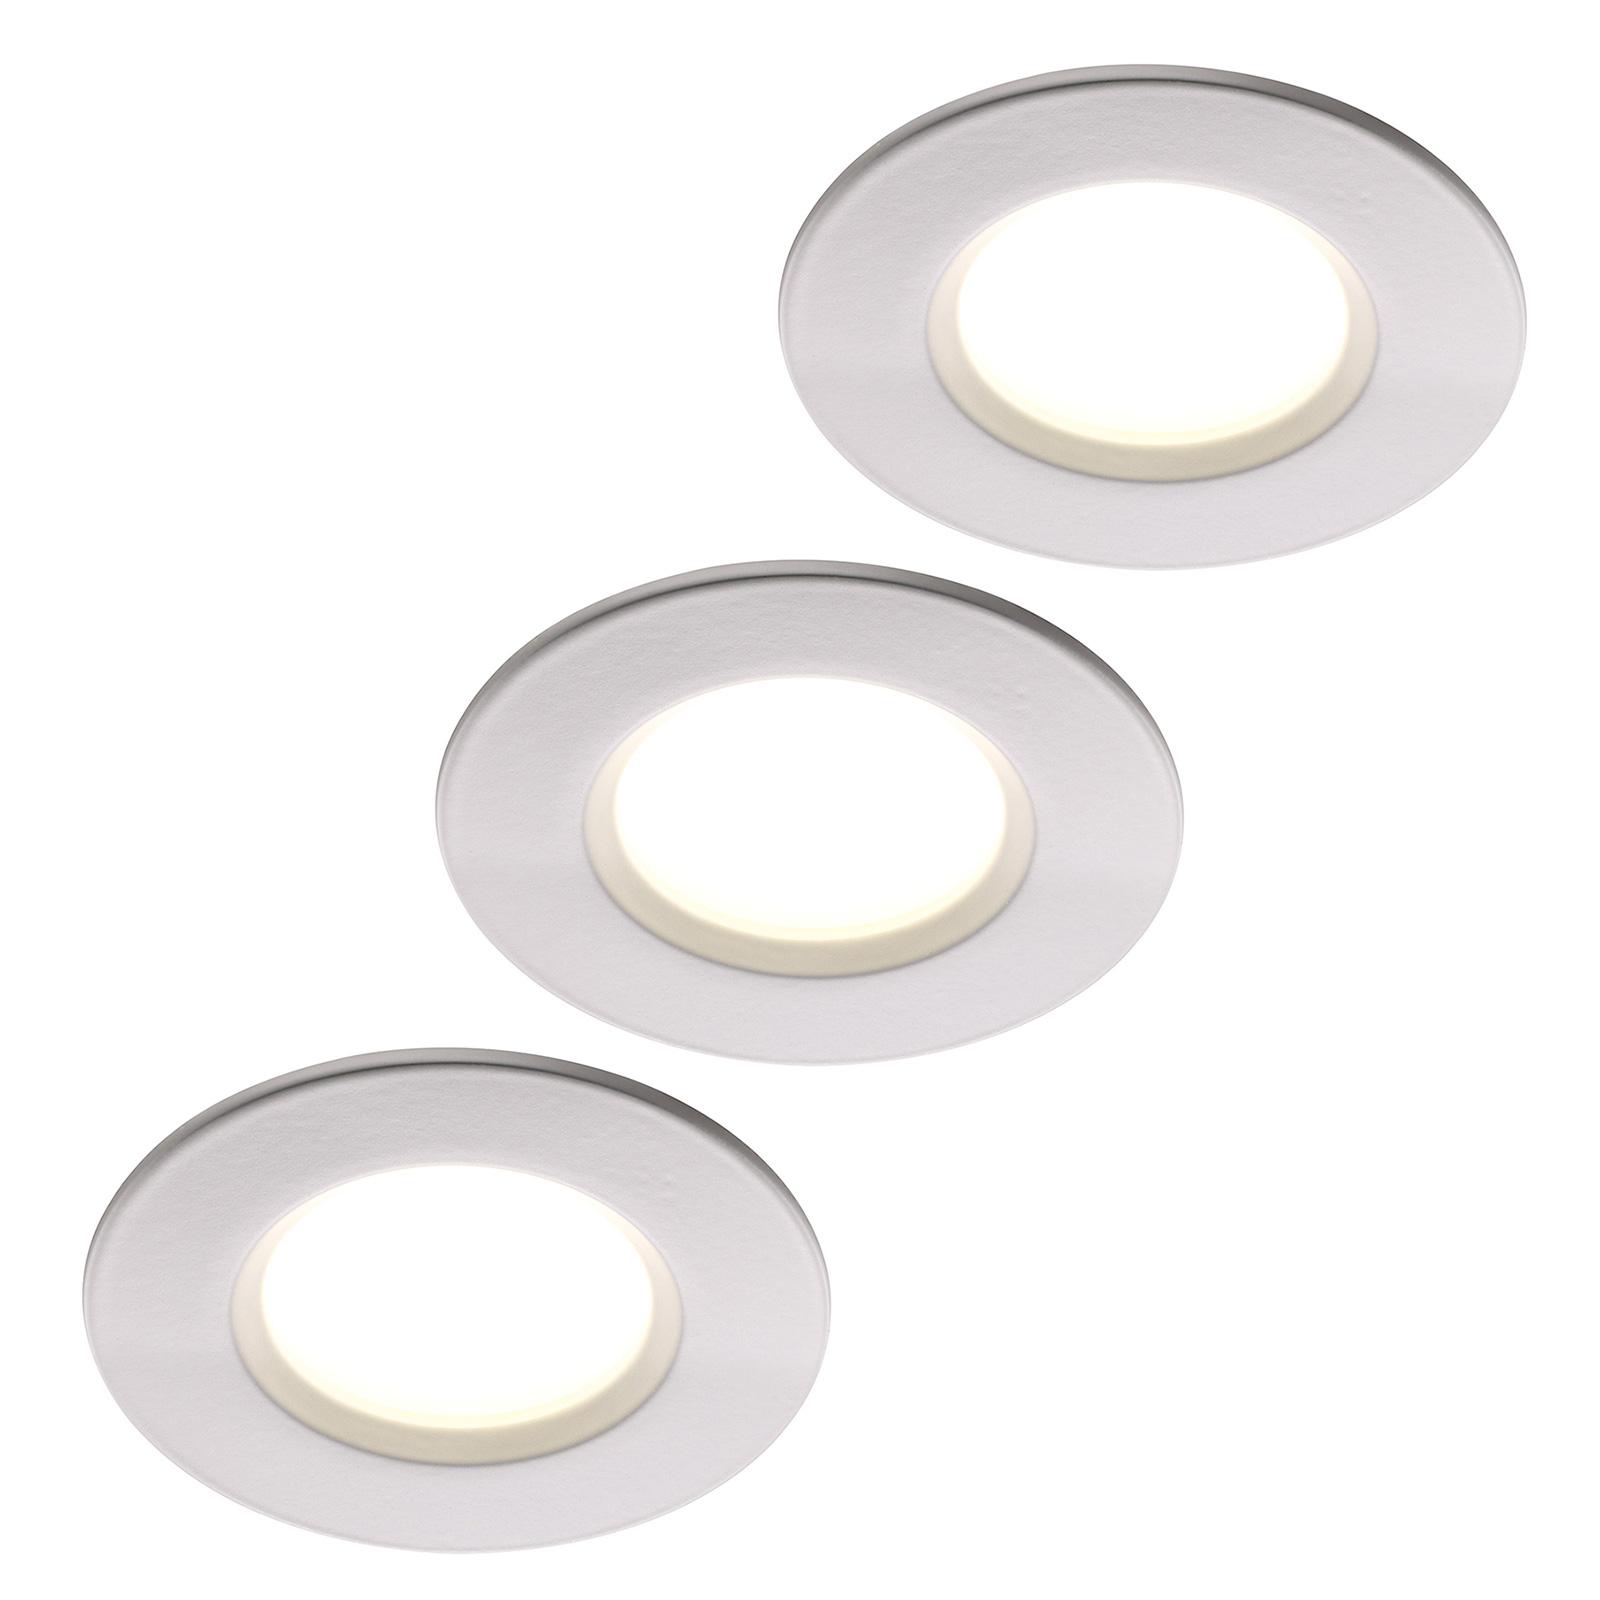 LED-uppovalaisin Clarkson 3 kpl, pyöreä, valkoinen